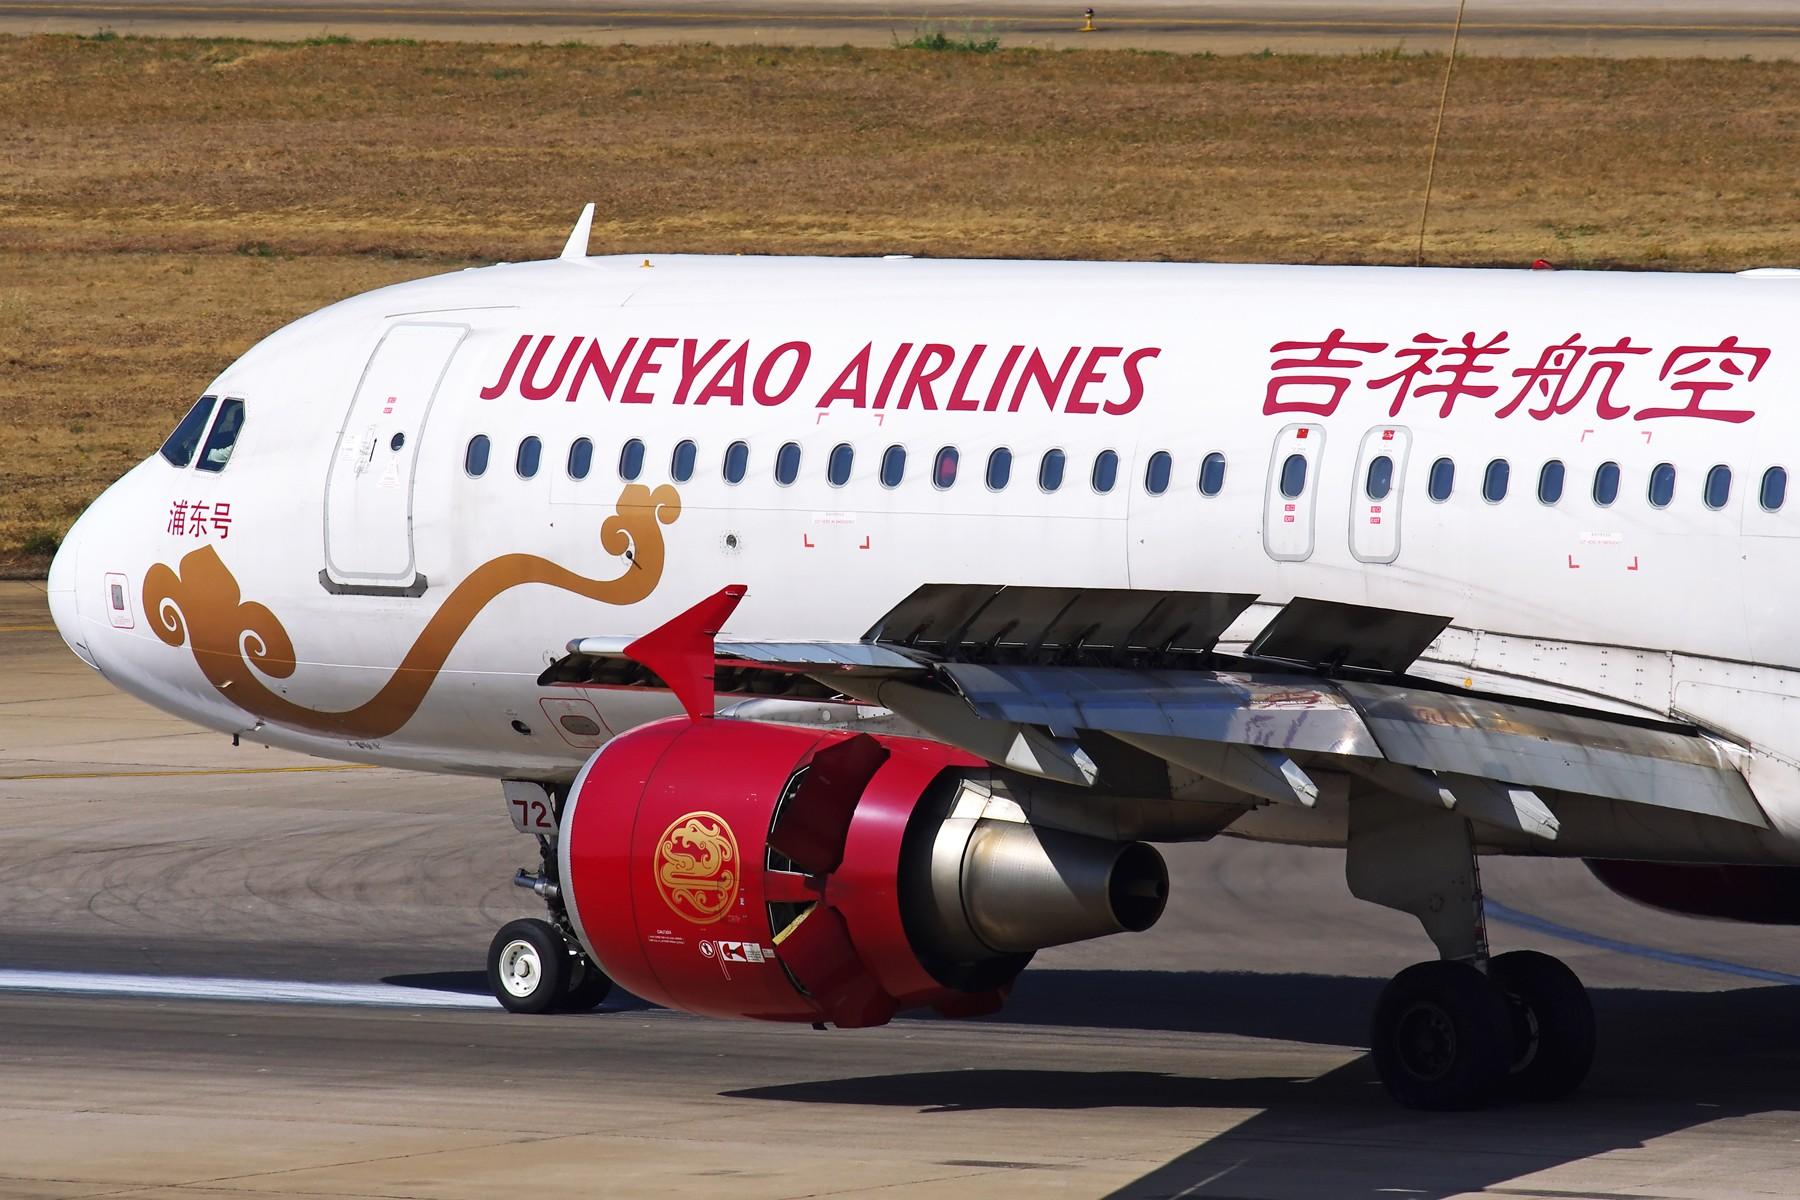 Re:[原创][吉祥航空年度摄影大赛] 吉祥航空------高原上的飒爽英姿 AIRBUS A320-200 B-6572 中国昆明巫家坝国际机场